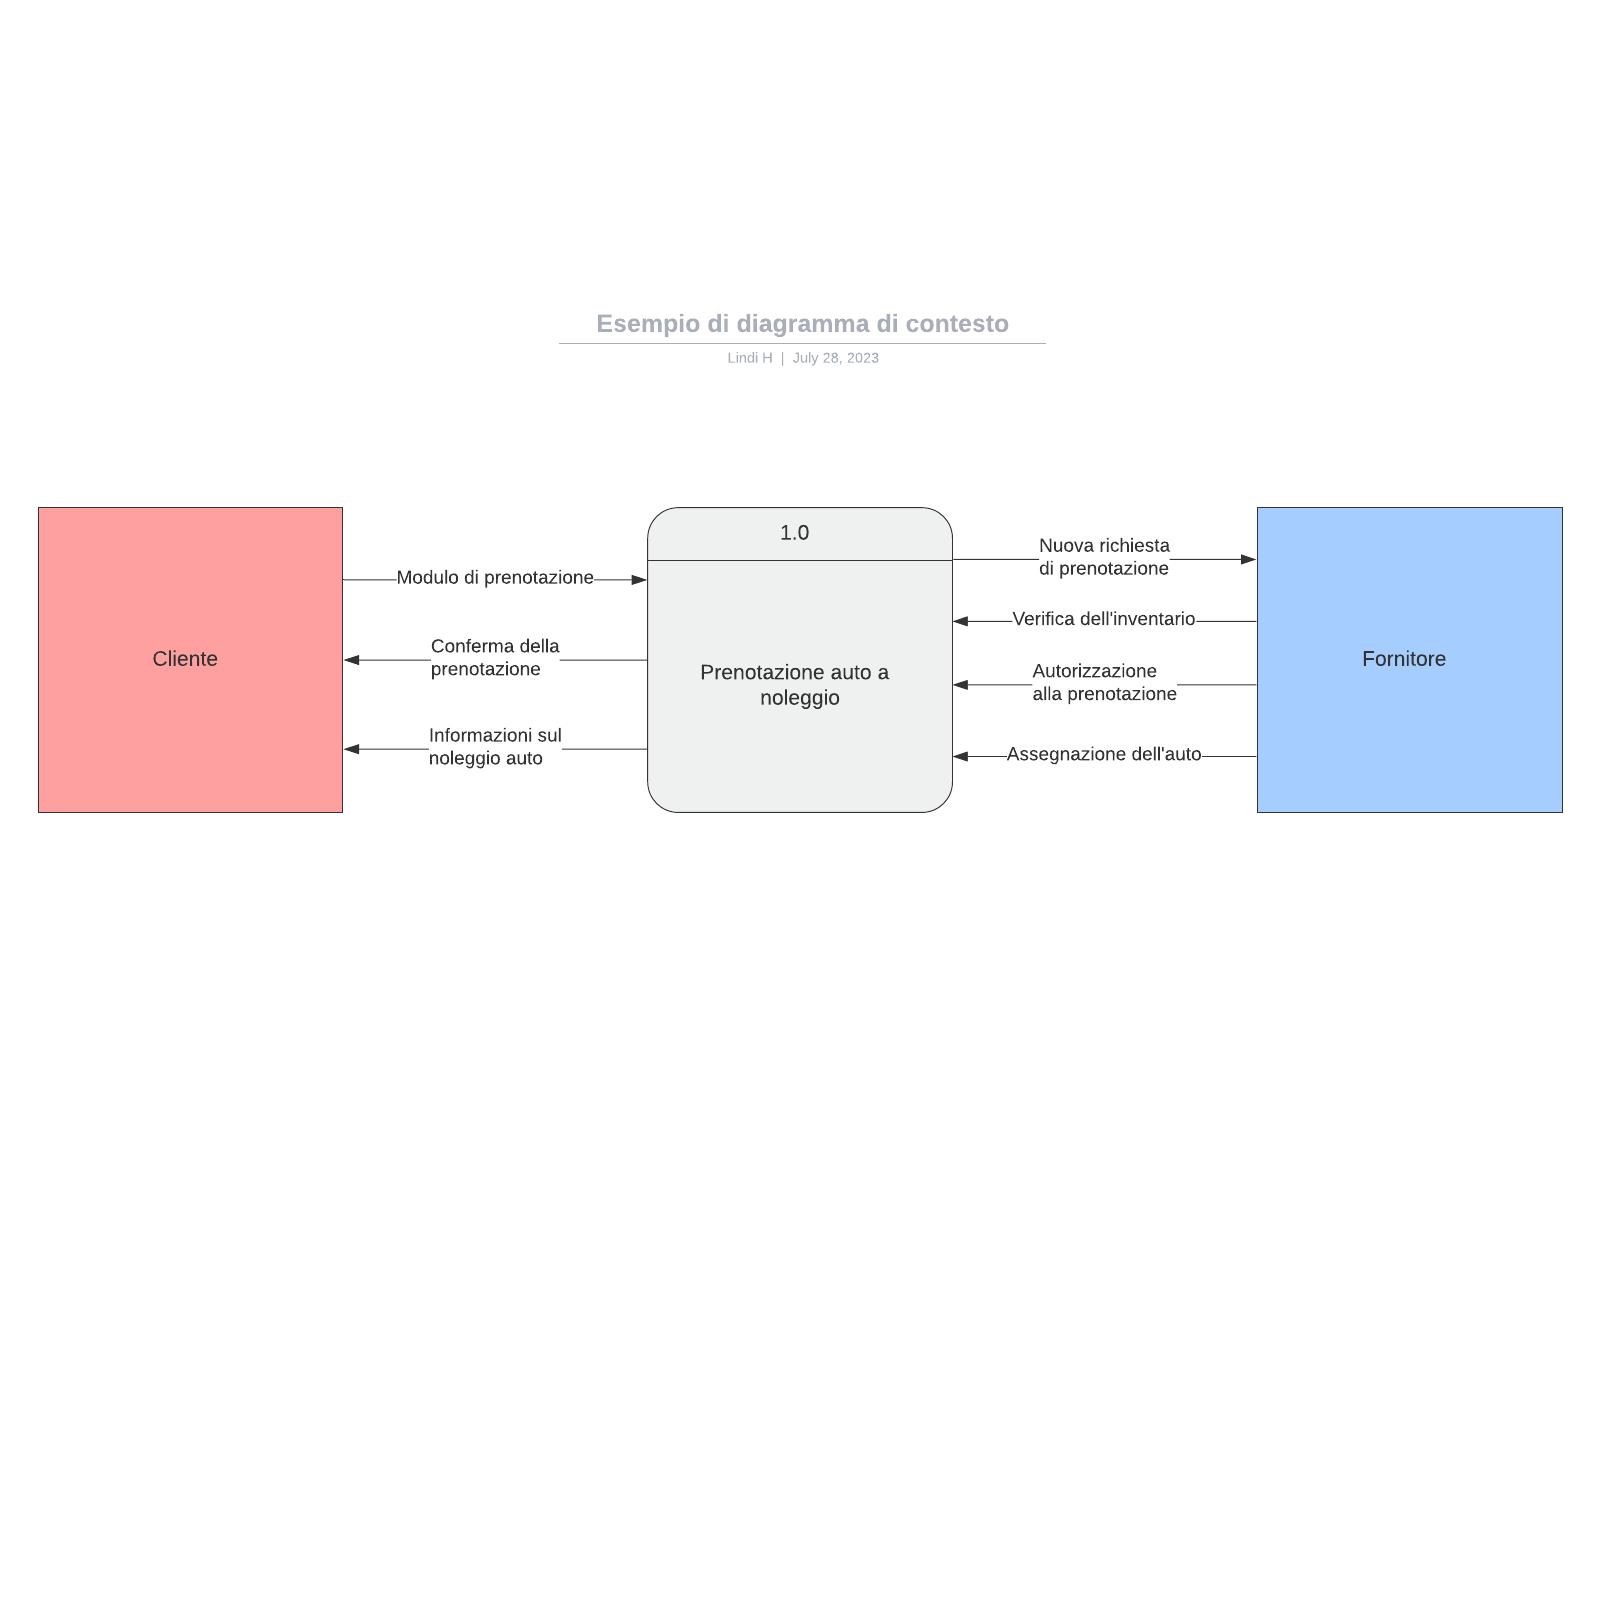 Esempio di diagramma di contesto